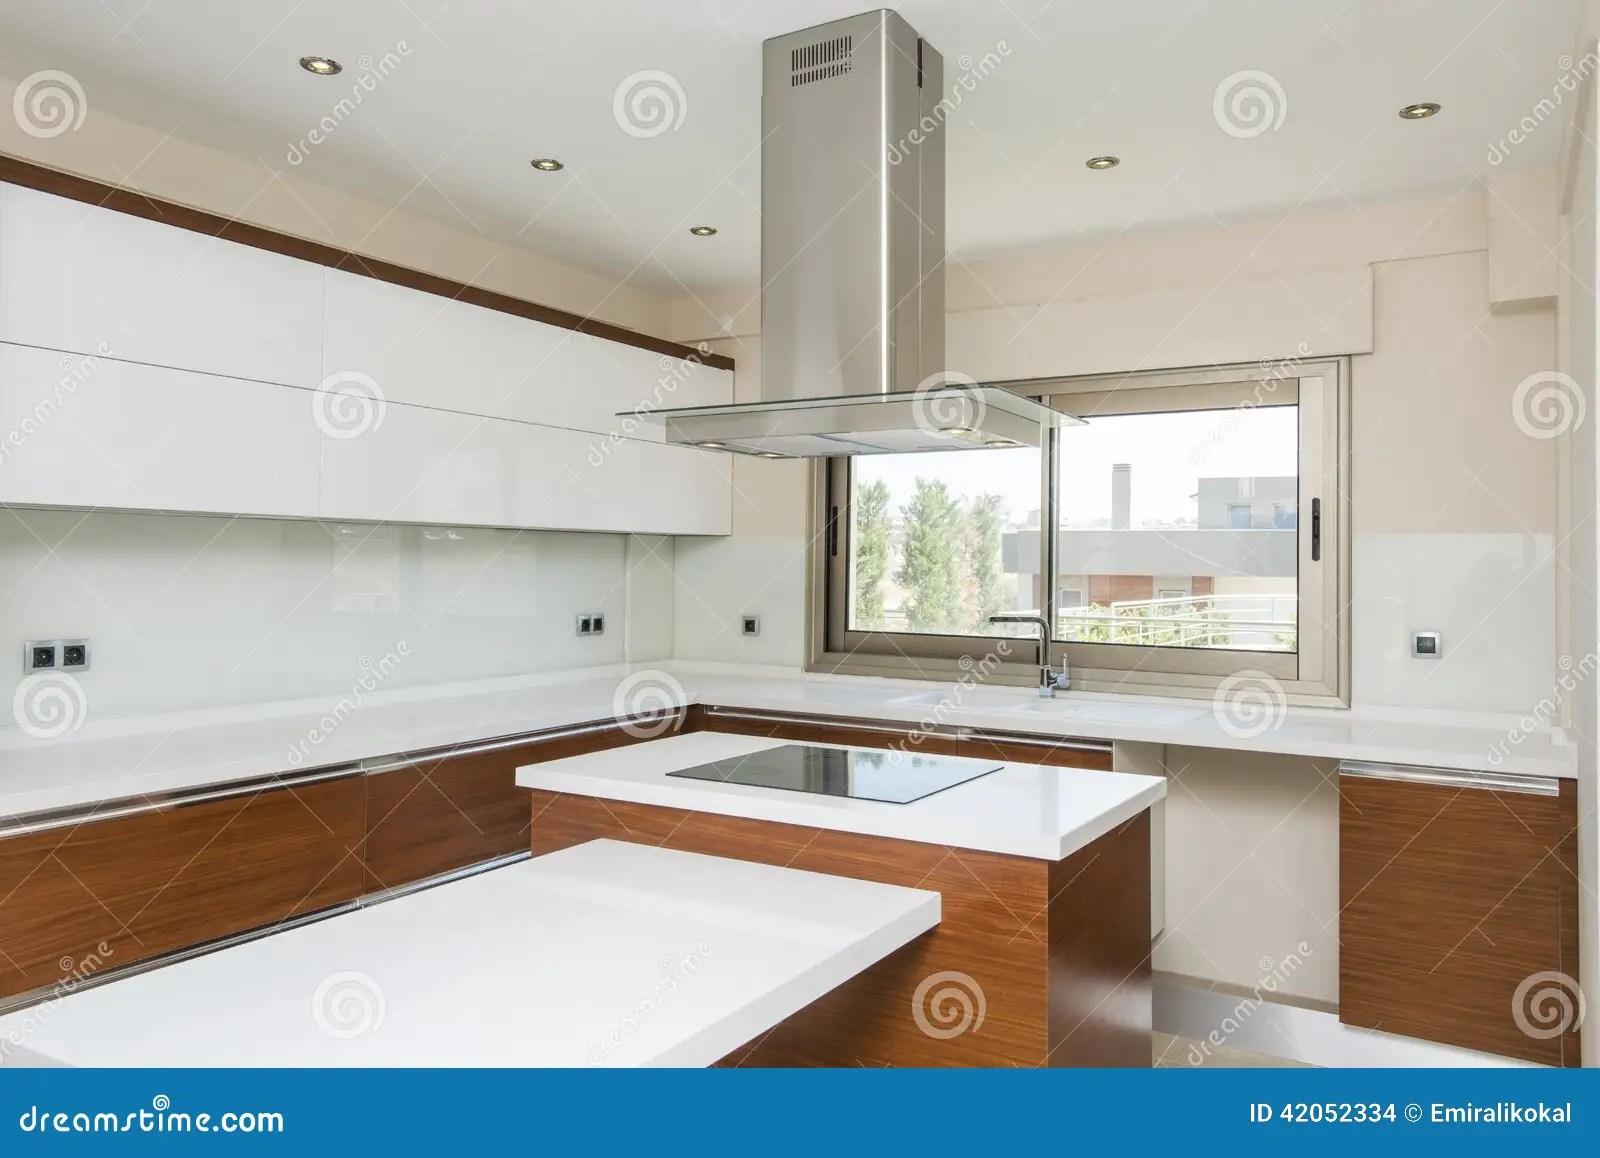 Cucina Quadrata | Cucina Quadrata Con Finestra Cucine Moderne Ad Angolo